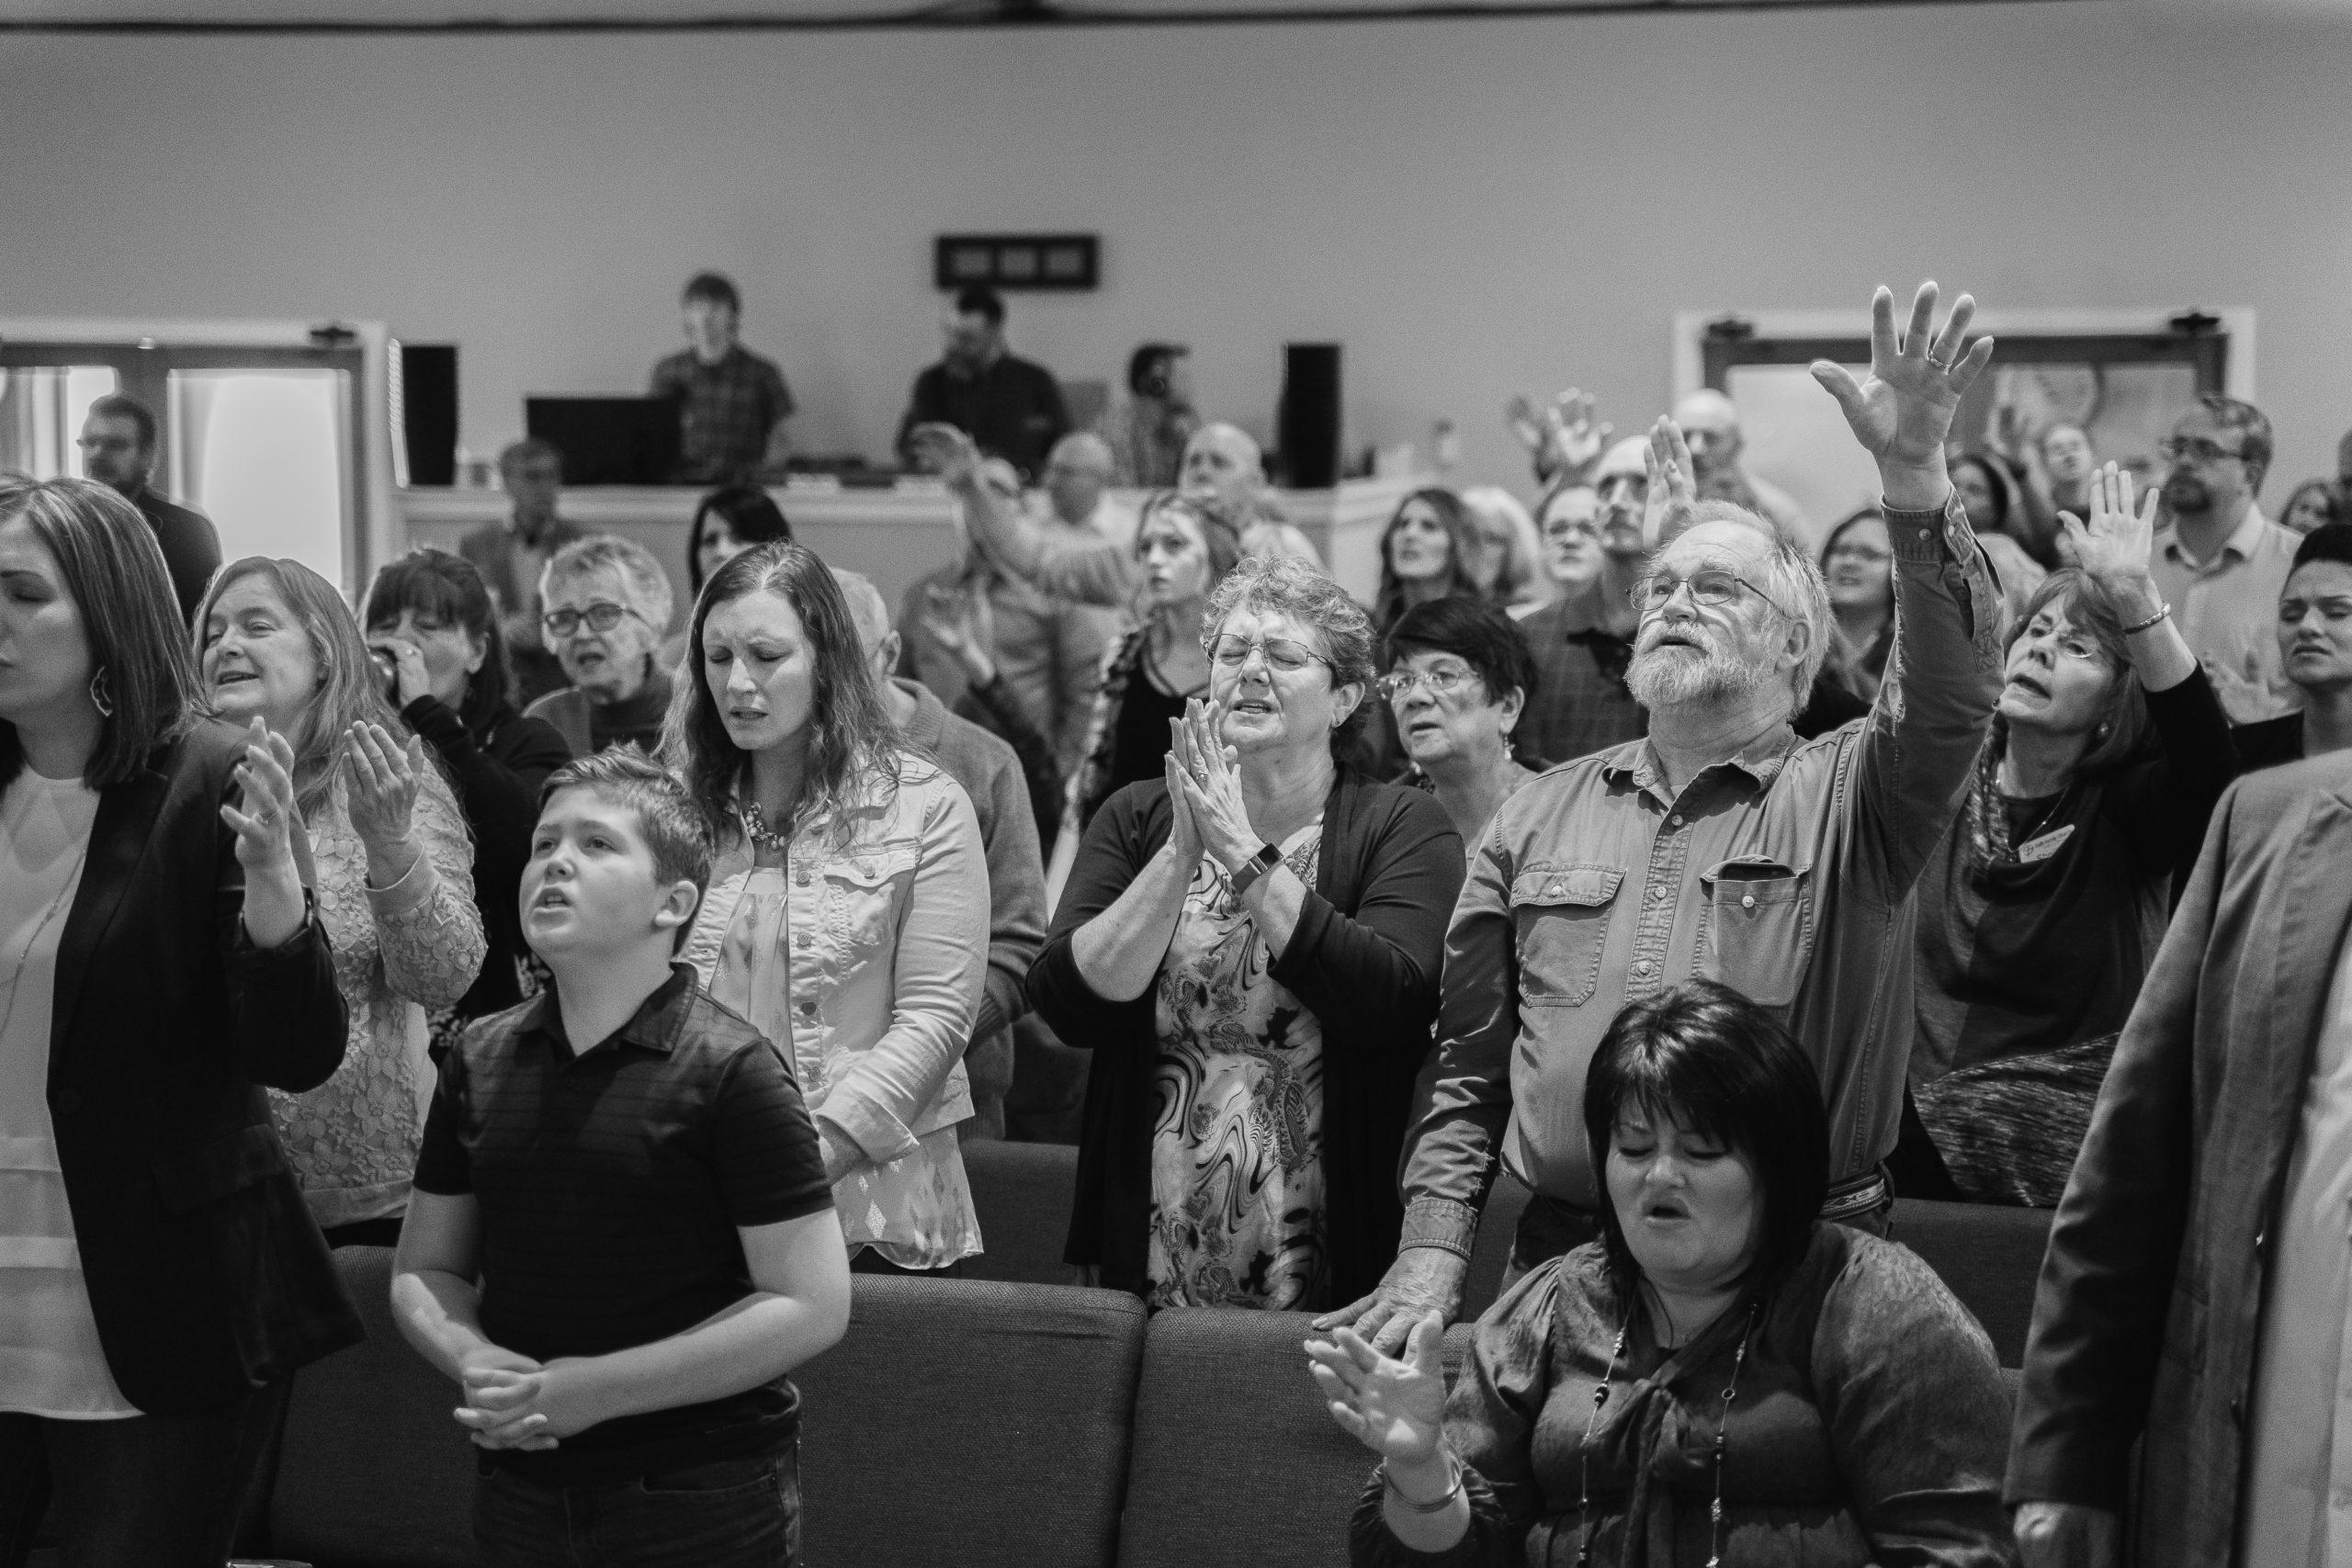 Faith Family Billings Church, Billings, MT